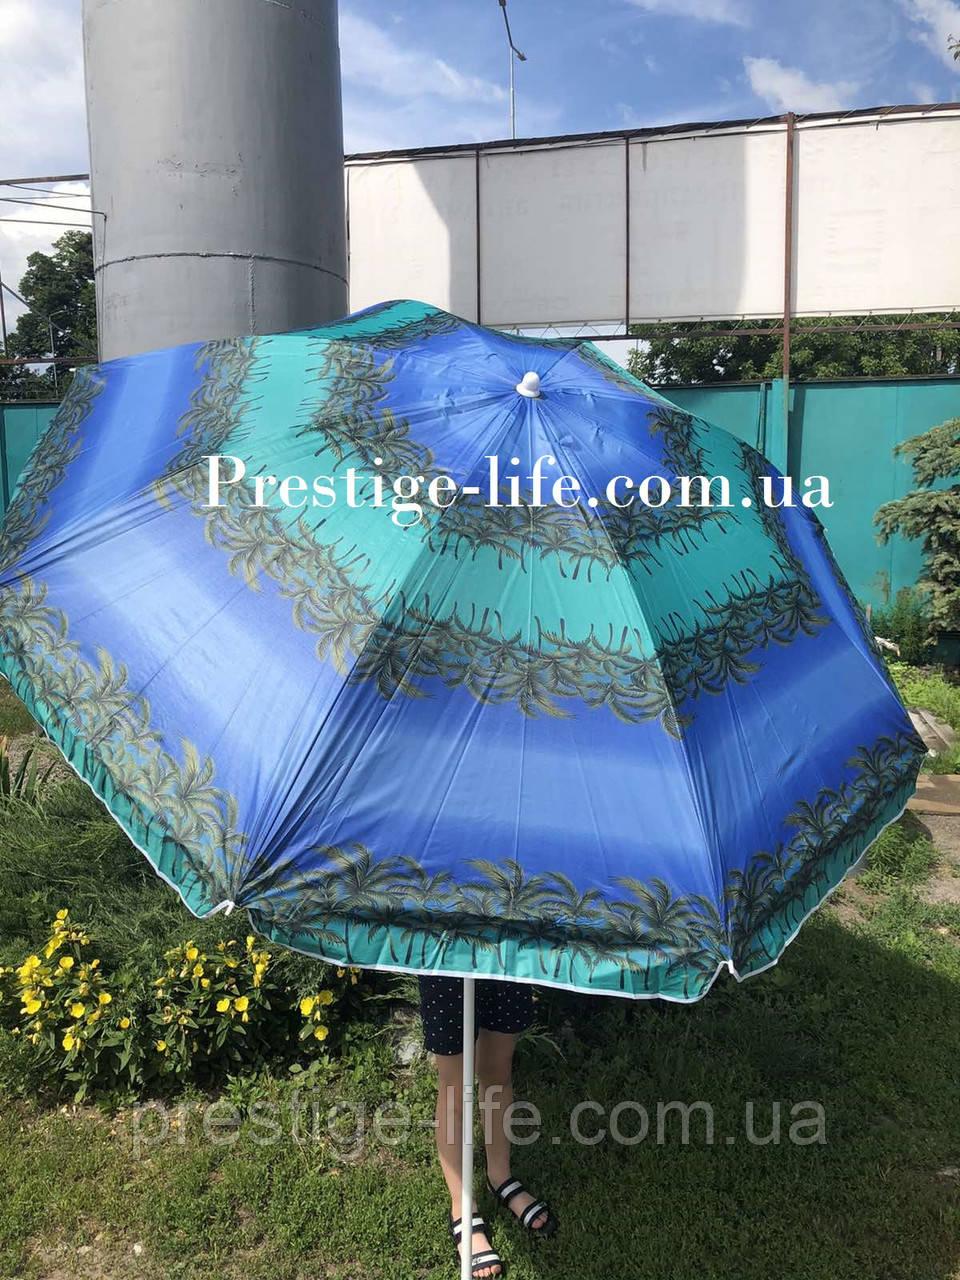 Парасолька діаметром 2,2 м. Пластикові спиці. Срібне покриття. Пальми, фон Зелений